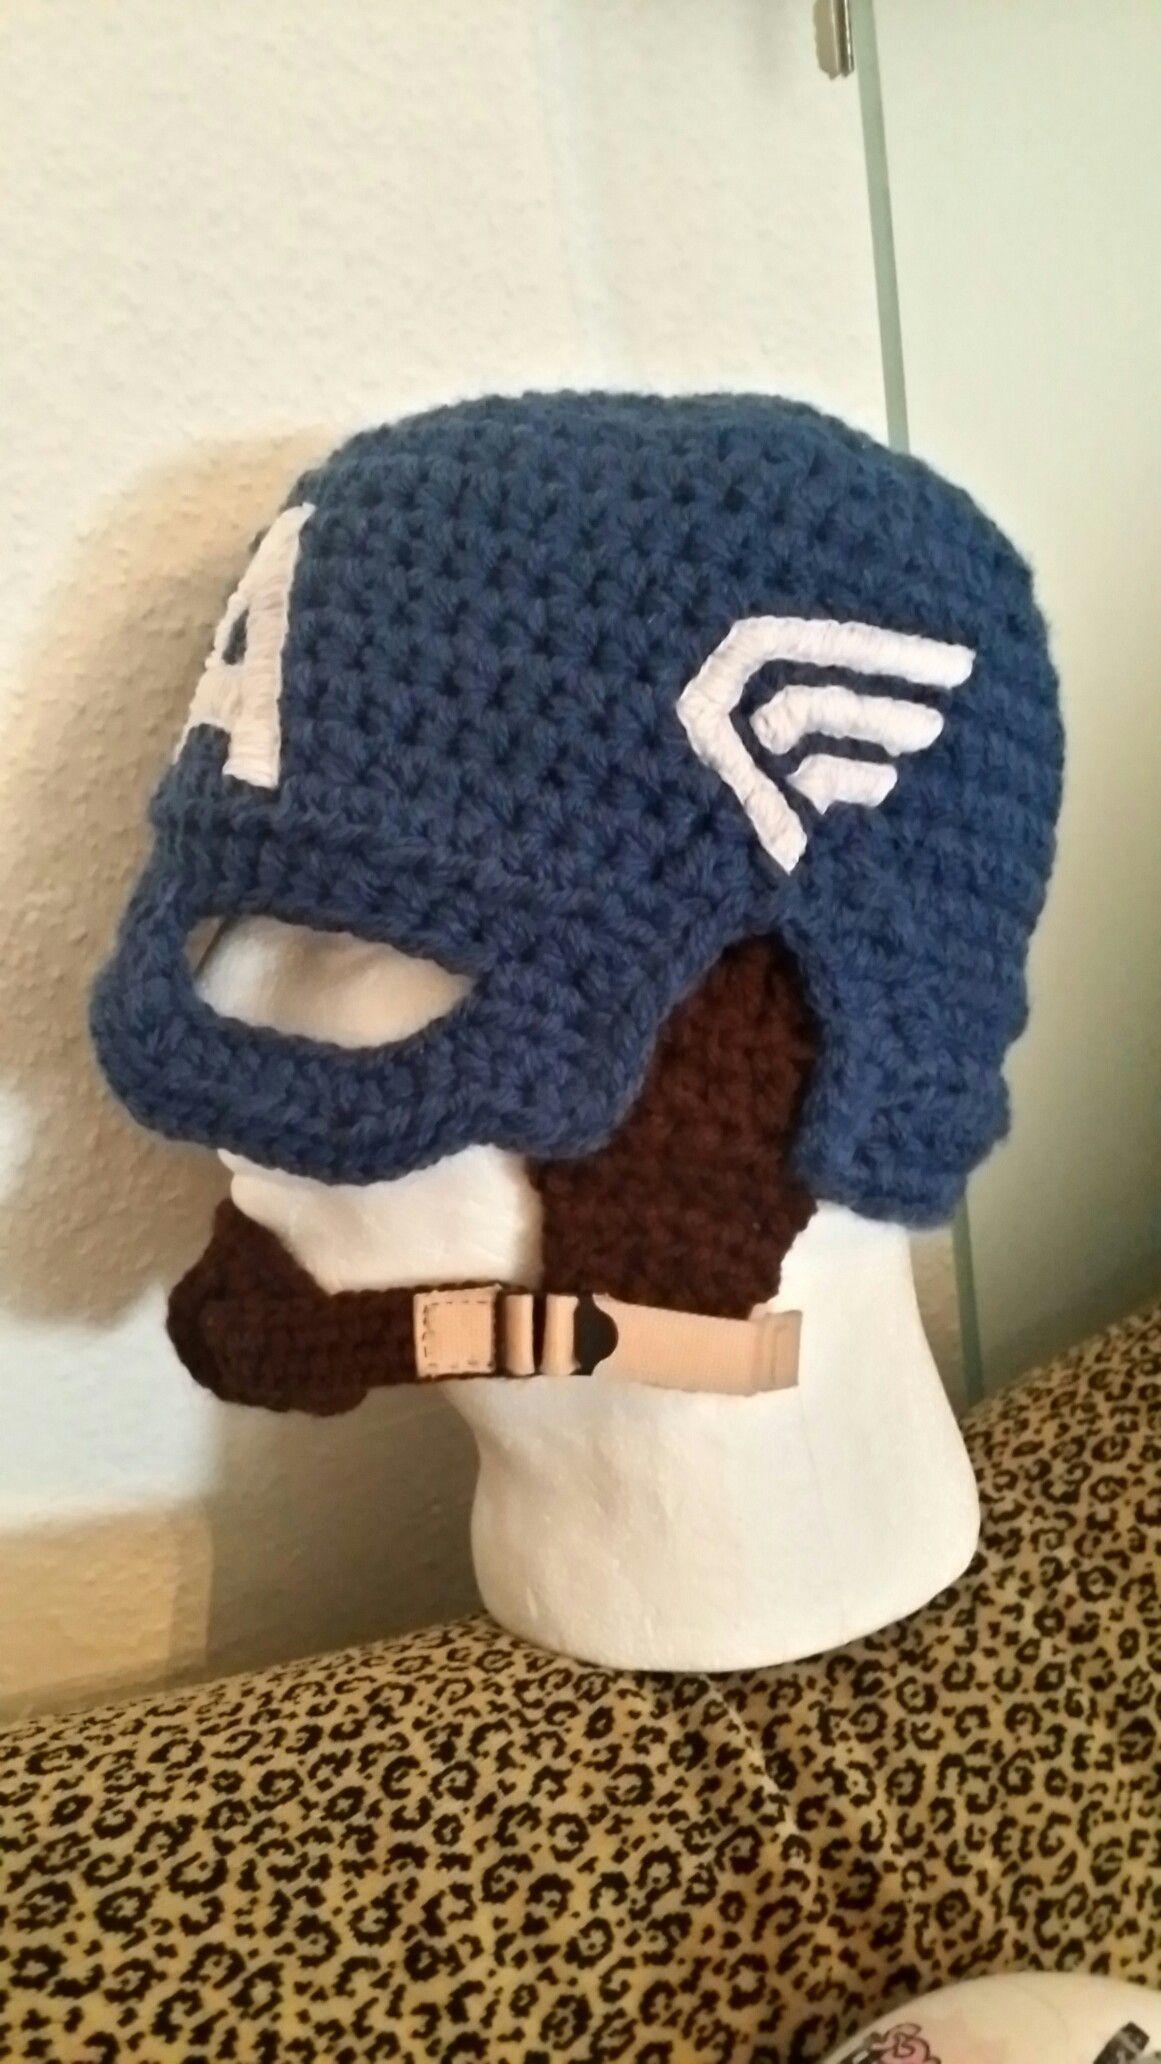 Crochet Captain America helmet | crochet patterns free | Pinterest